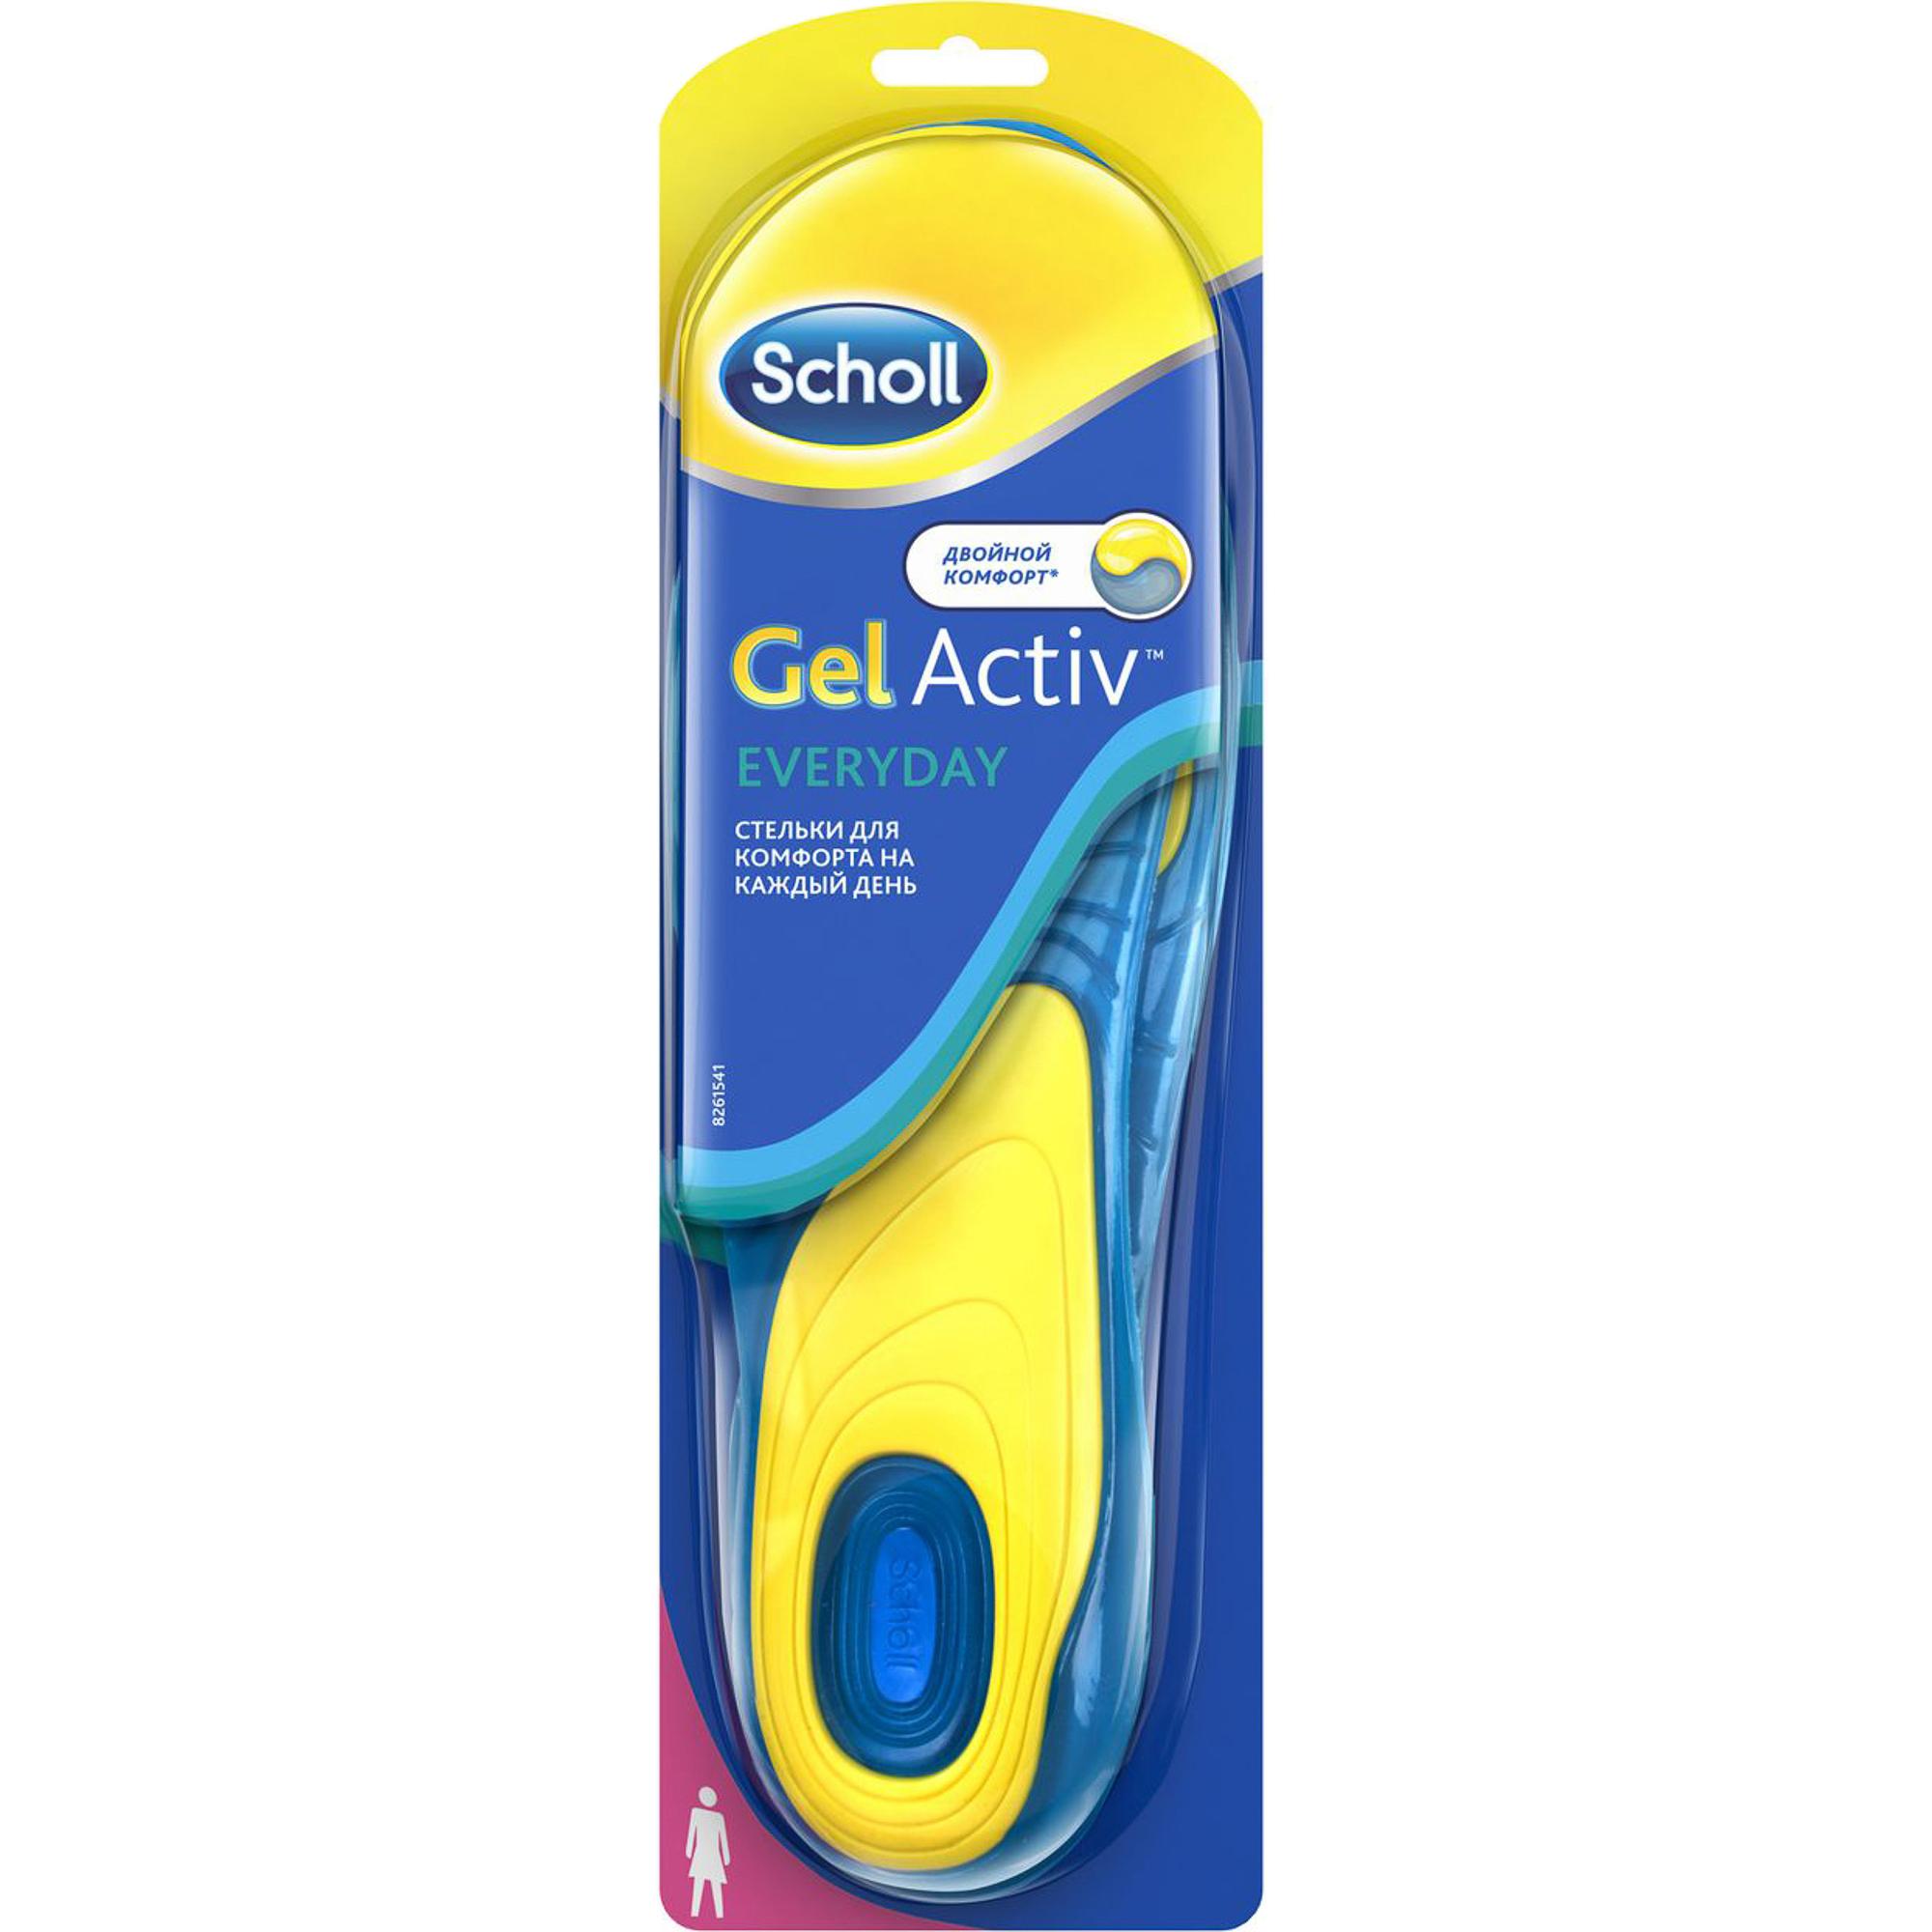 Фото - Стельки для обуви Scholl GelActiv Everyday Для женщин стельки для обуви scholl gelactiv work для активной работы для женщин